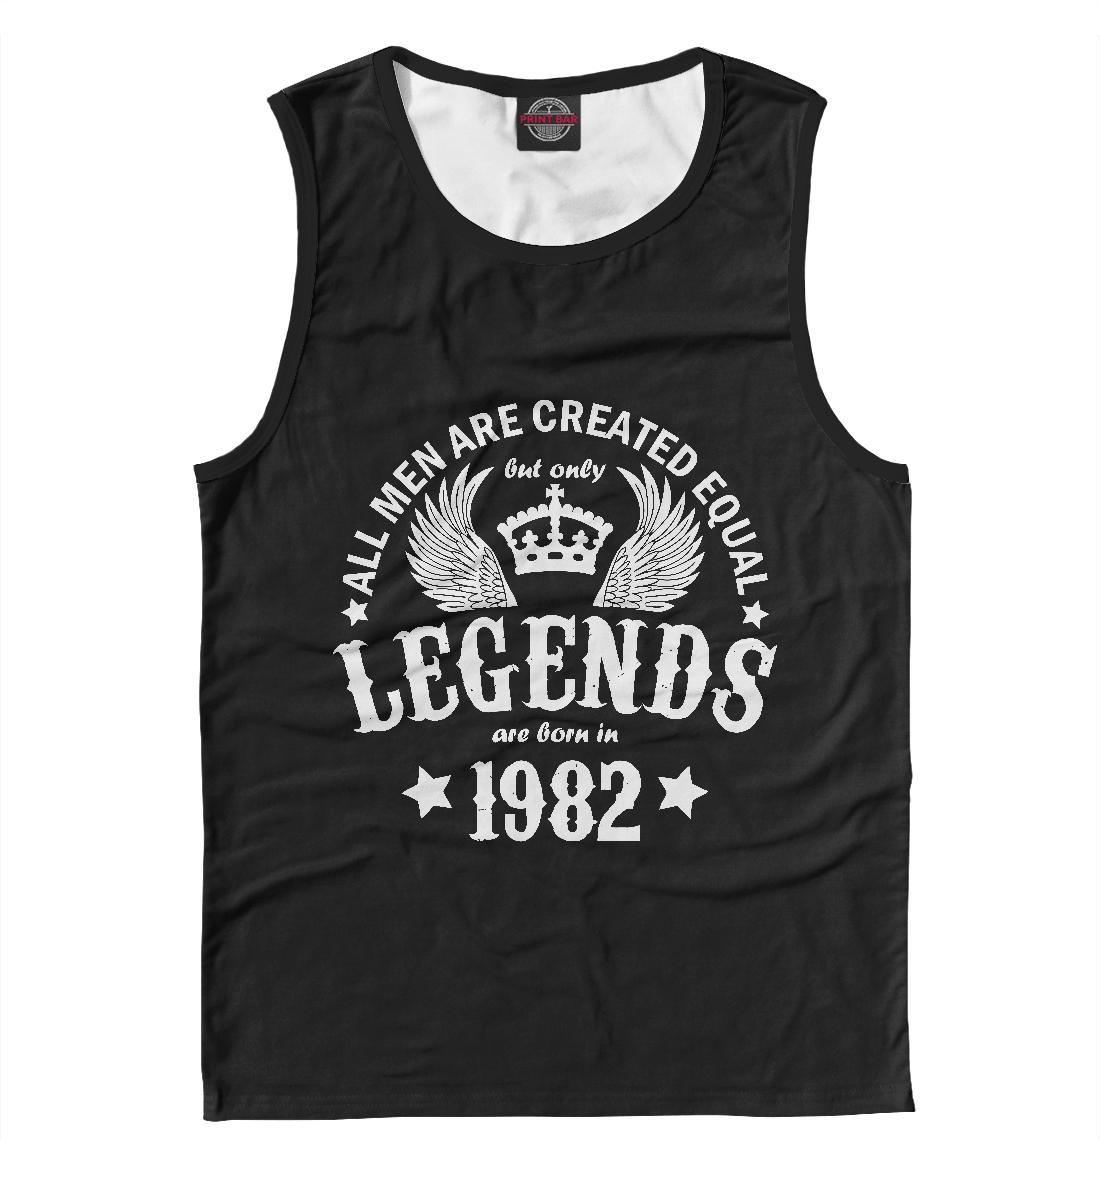 Купить 1982 - рождение легенды, Printbar, Майки, DVD-420578-may-2